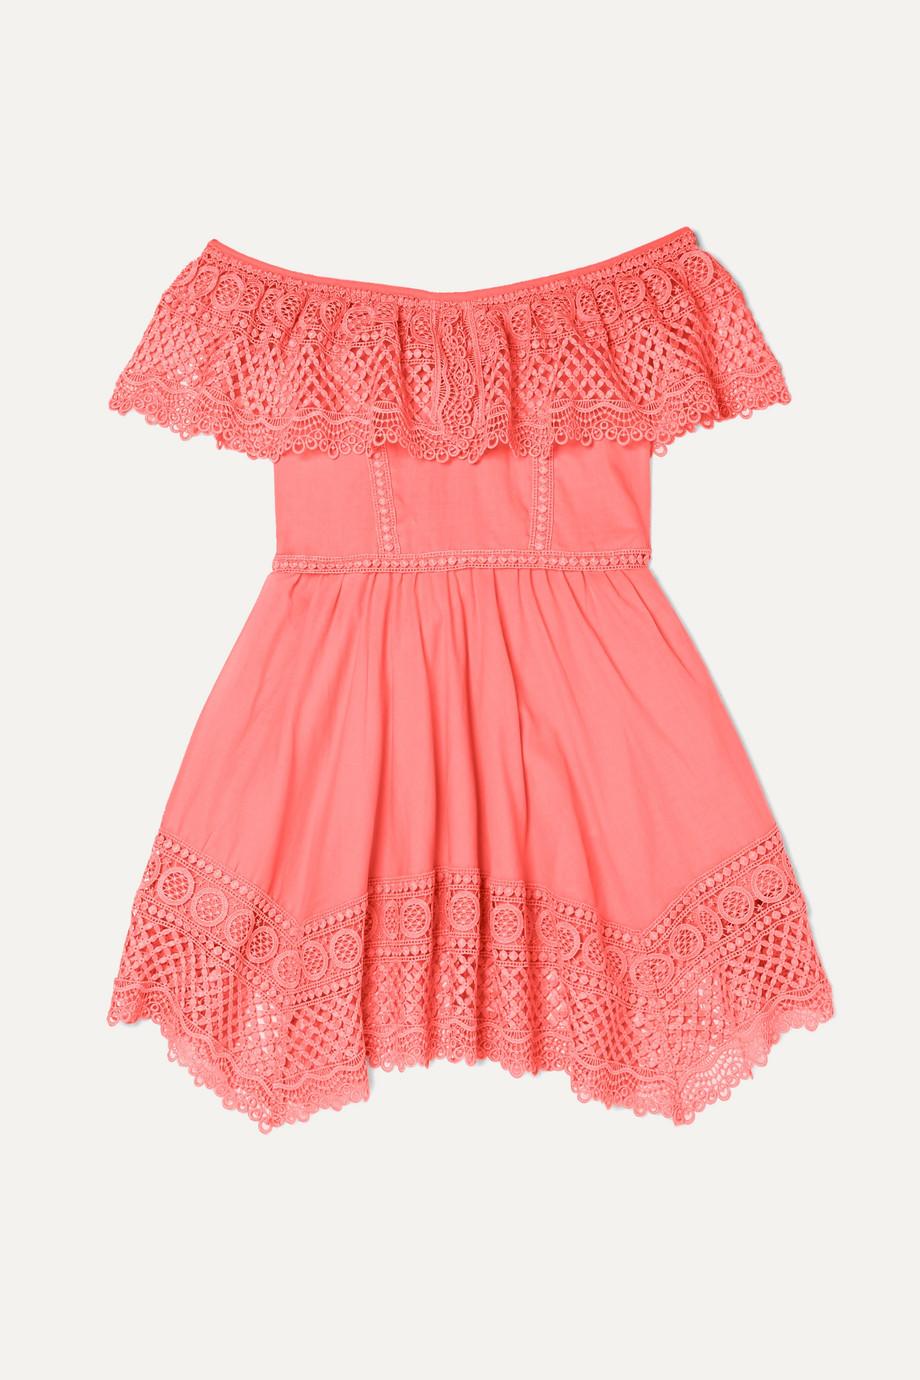 Charo Ruiz Kids Vaiana crocheted lace-paneled cotton-blend dress